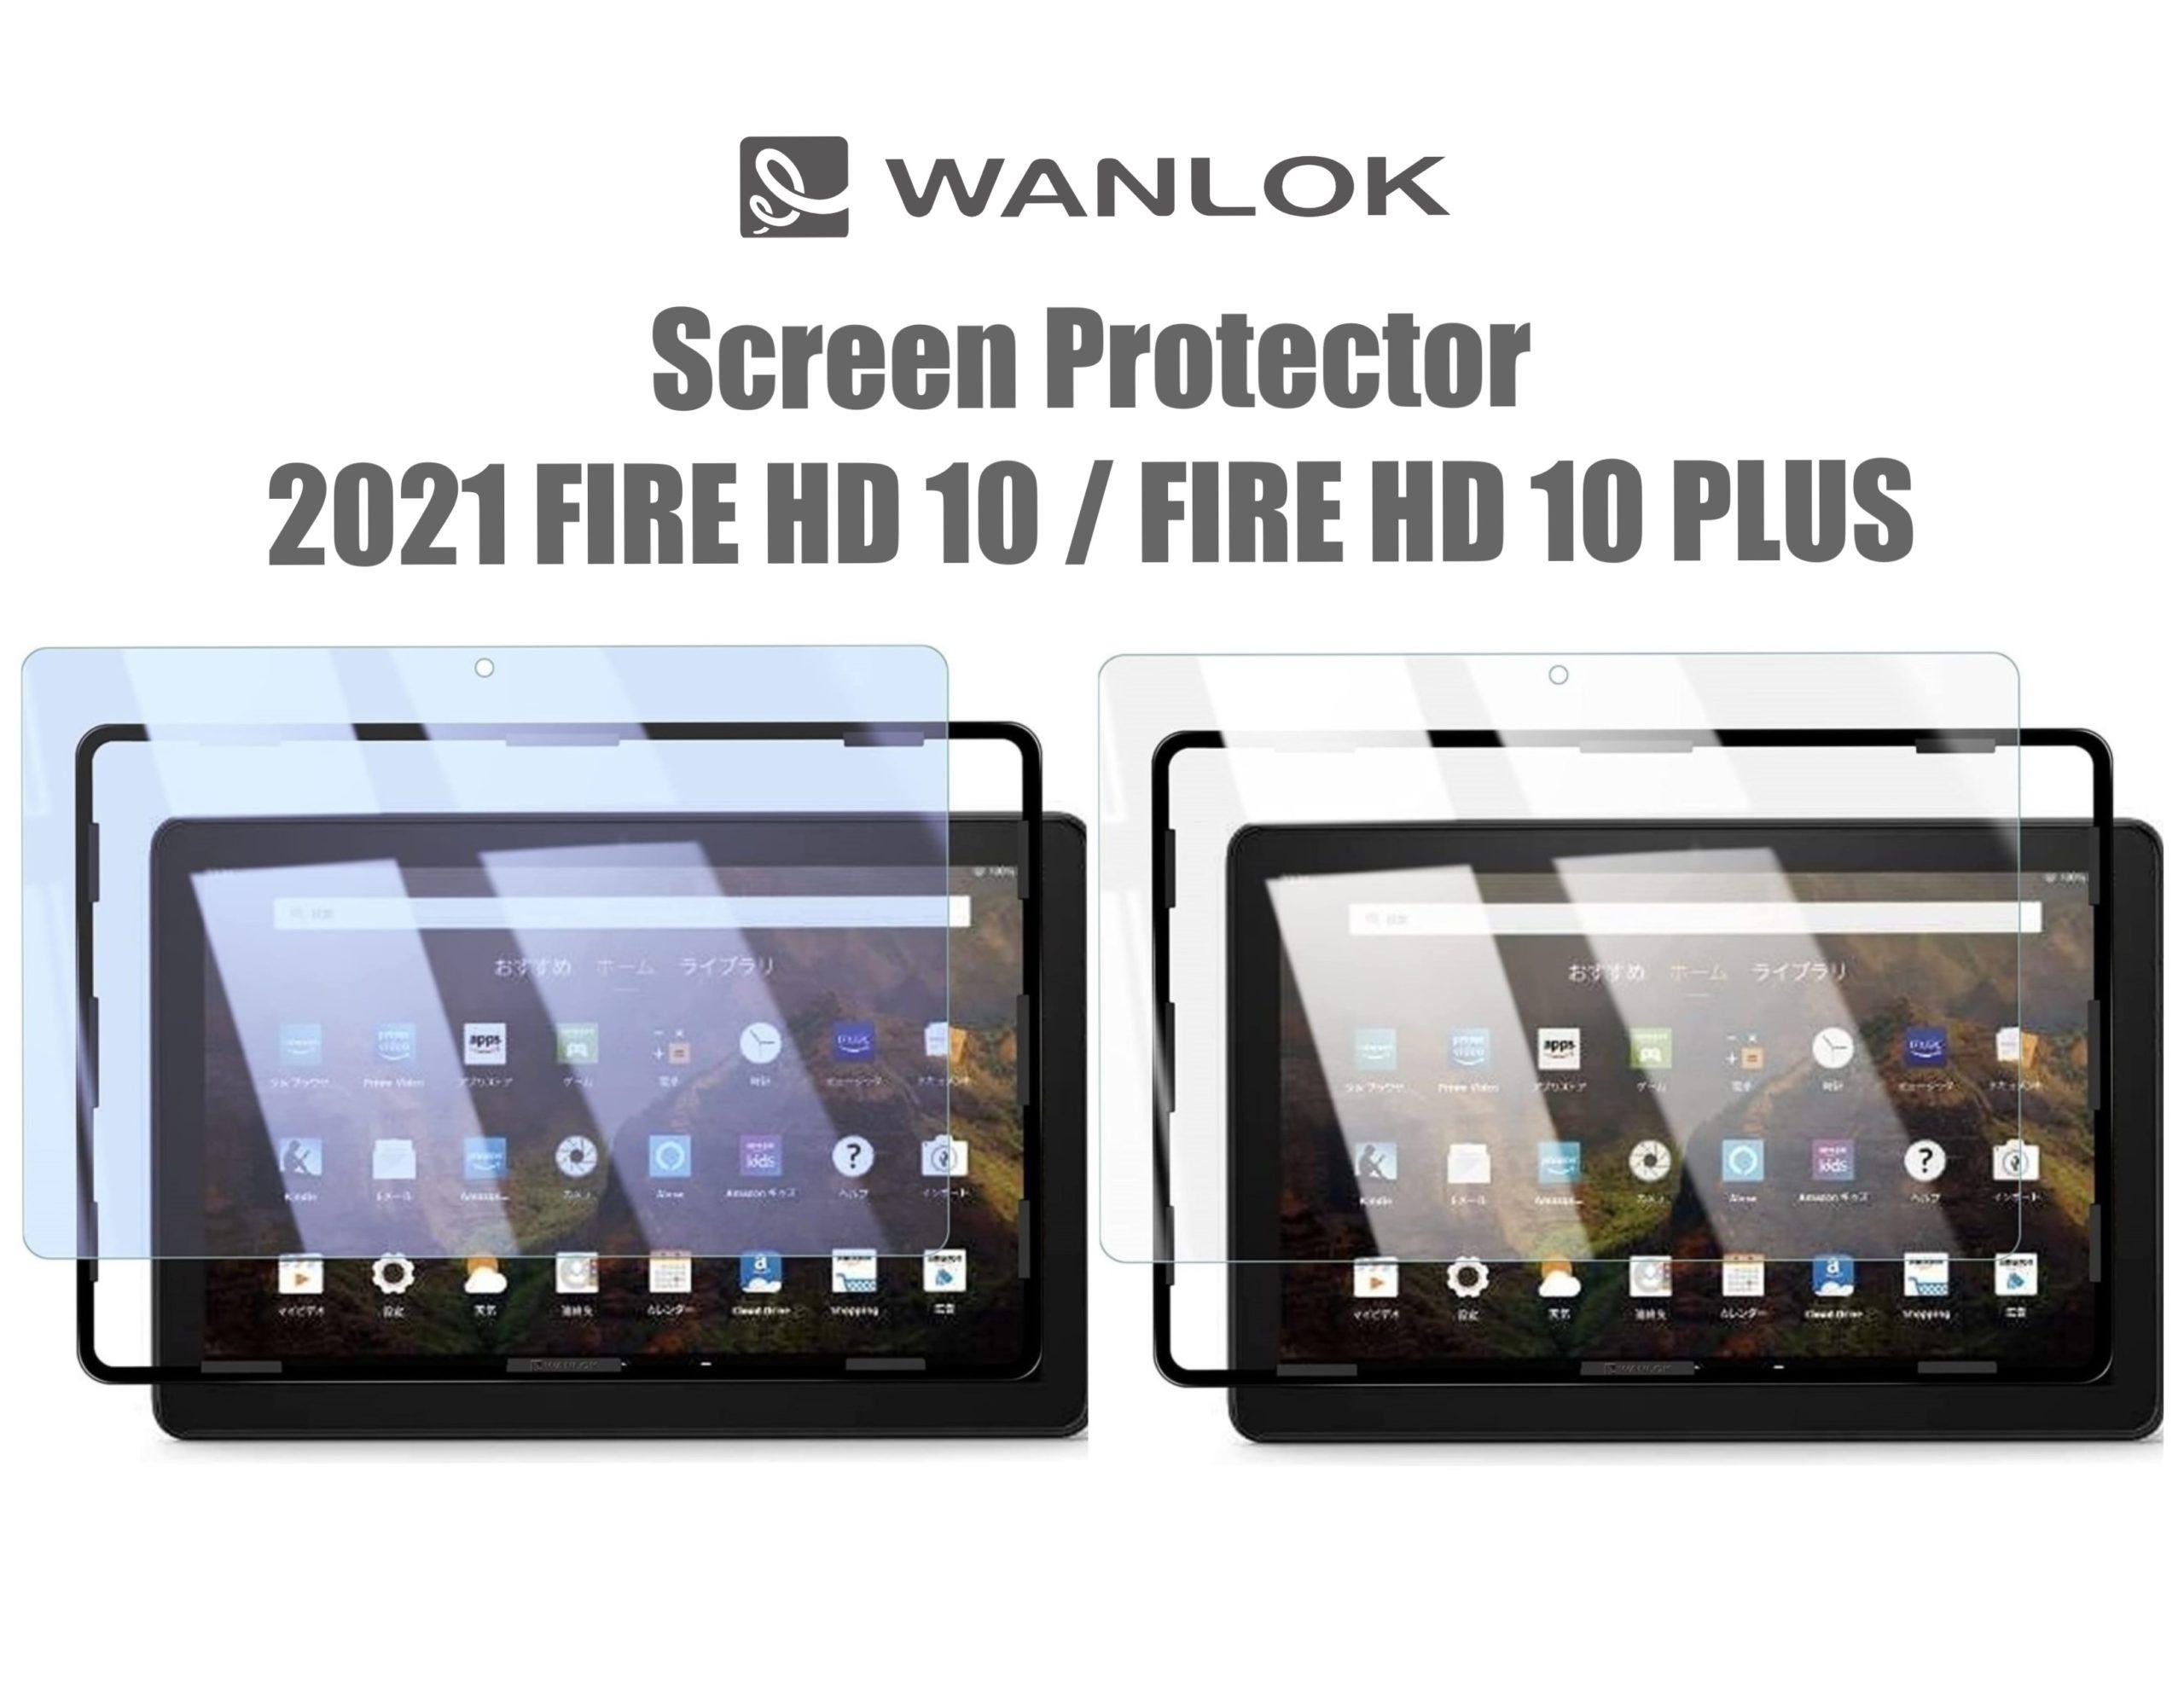 WANLOK「新型Fire HD 10/10 Plus 2021」対応の保護ガラスフィルム2種類発売開始 Amazon限定ブランドなので安心 ガイド枠付で貼り付け簡単